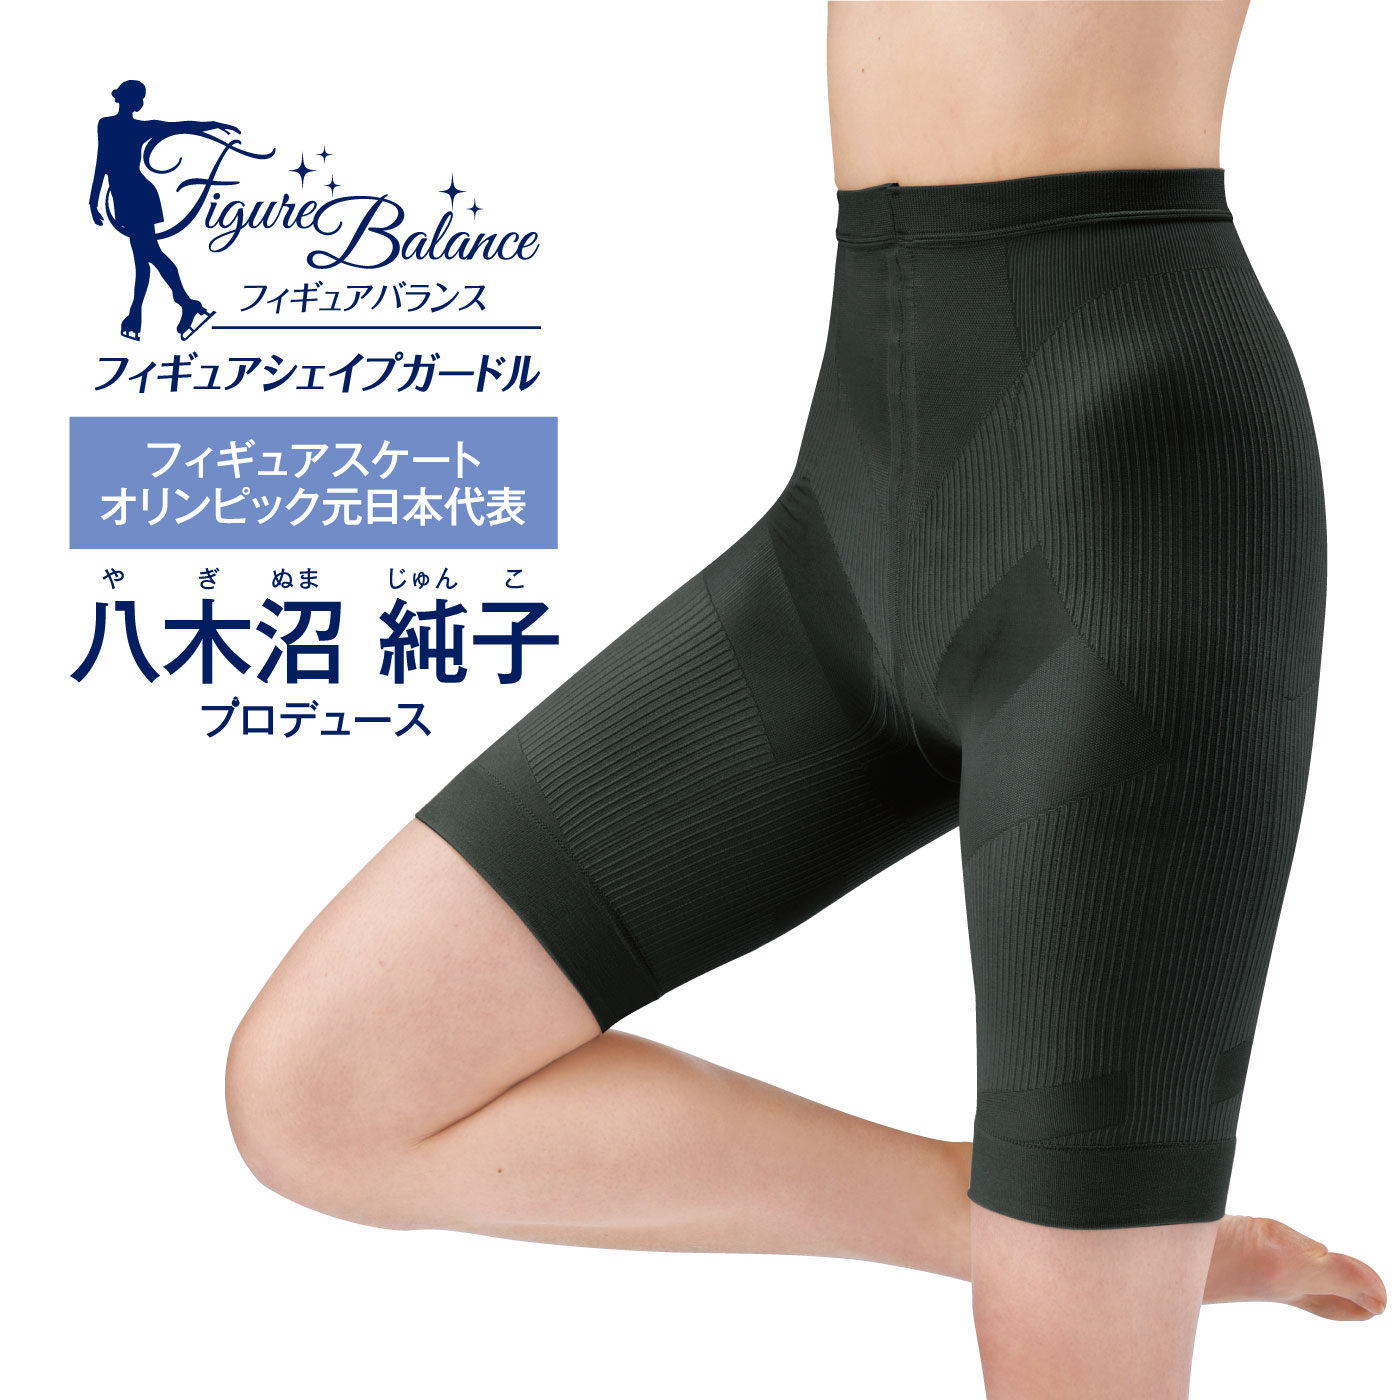 八木沼純子フィギュア シェイプガードル(ブラック)